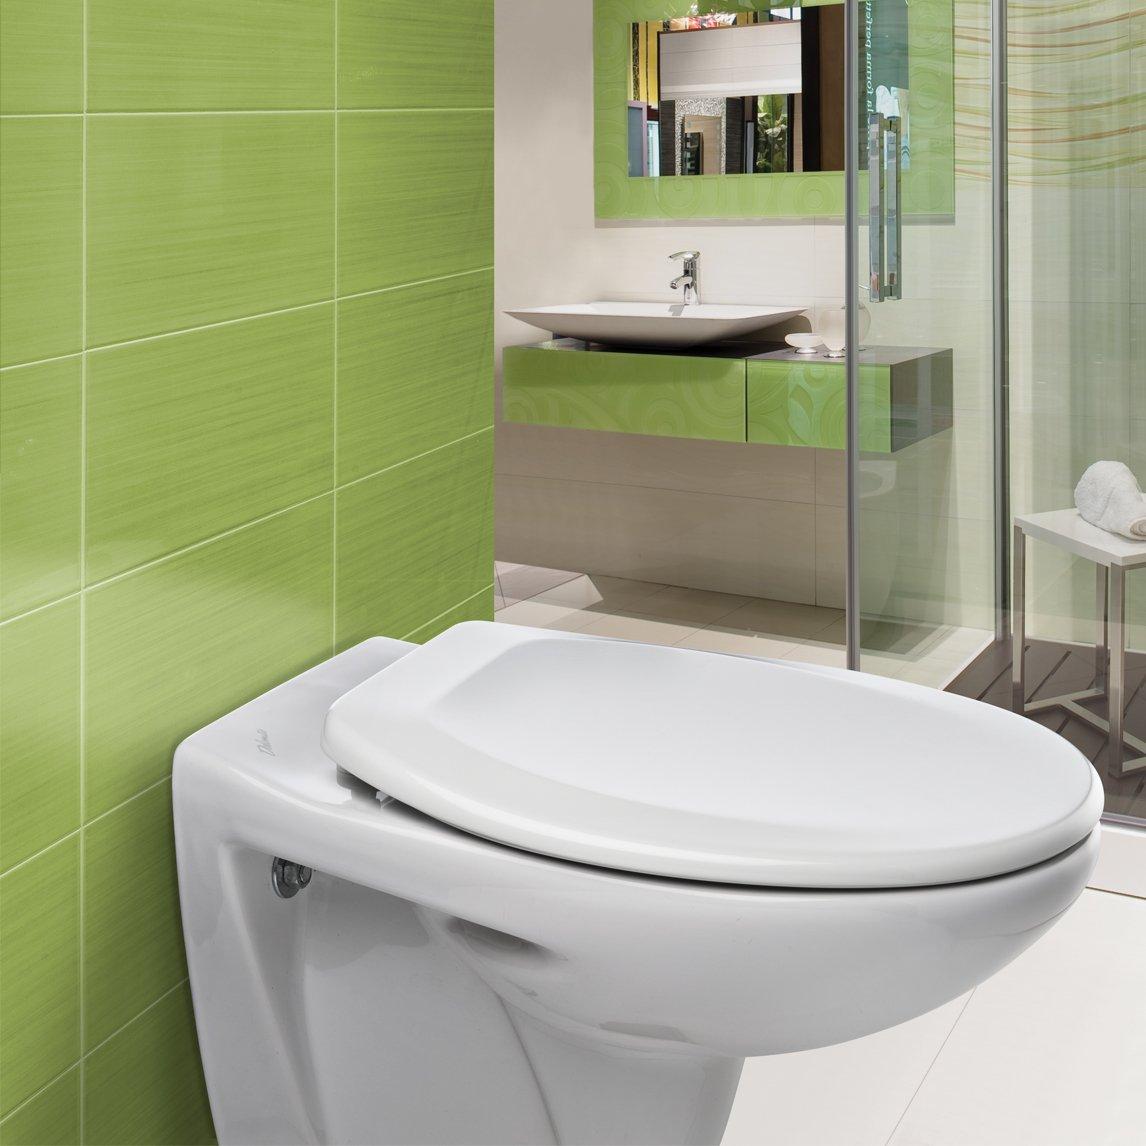 con cerniere in acciaio INOX Bemis Ashford 7250STX Sedile WC in materiale termoplastico colore: Bianco